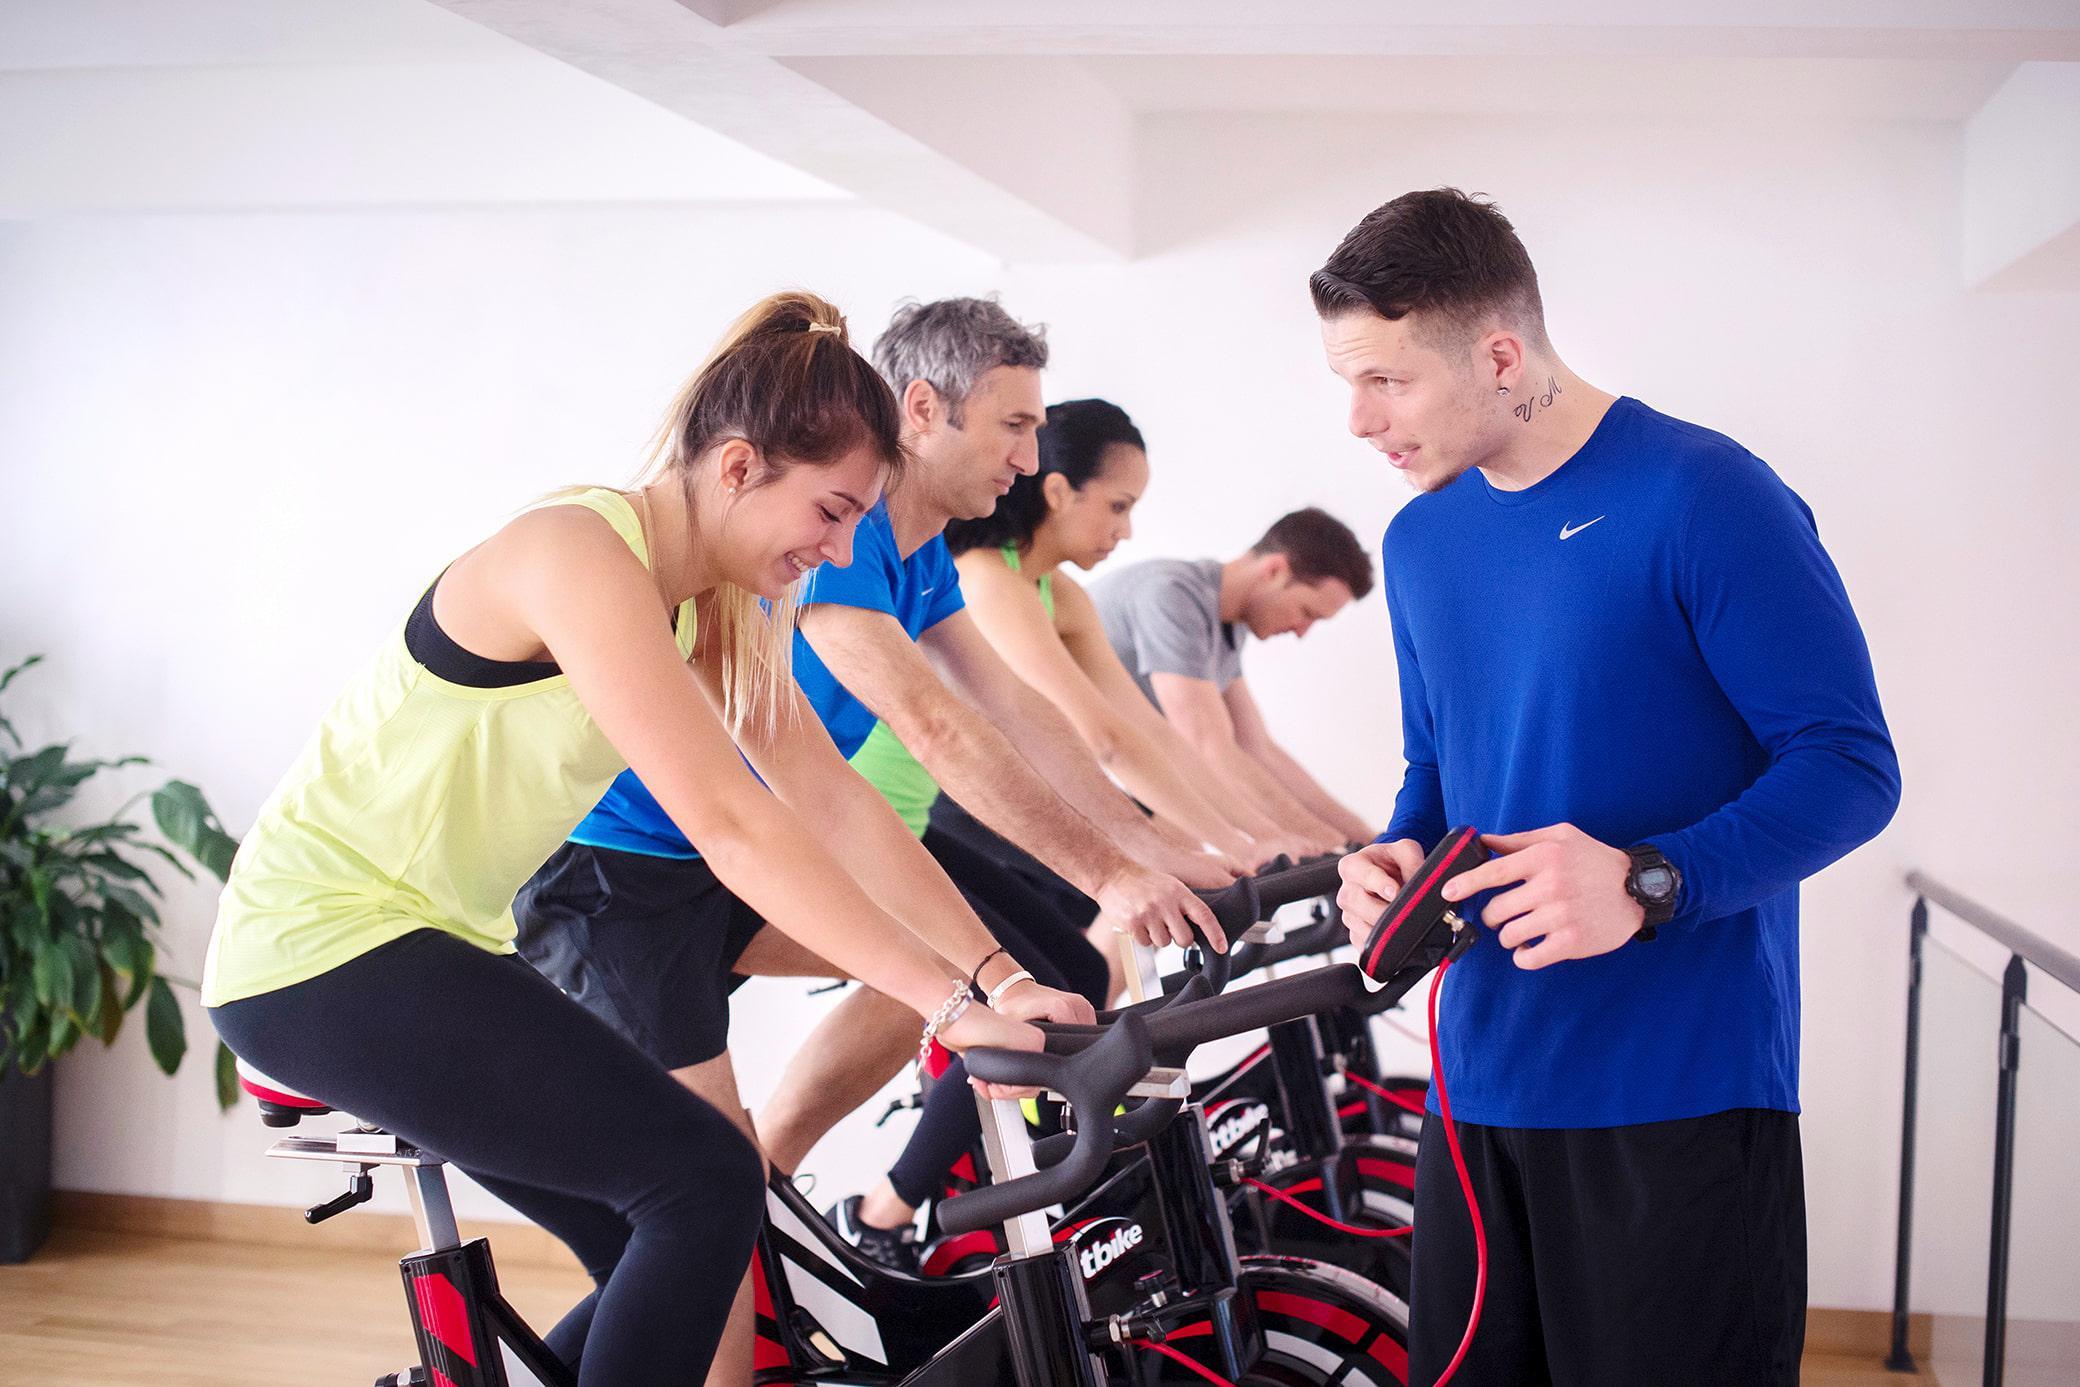 Cardio Coaching